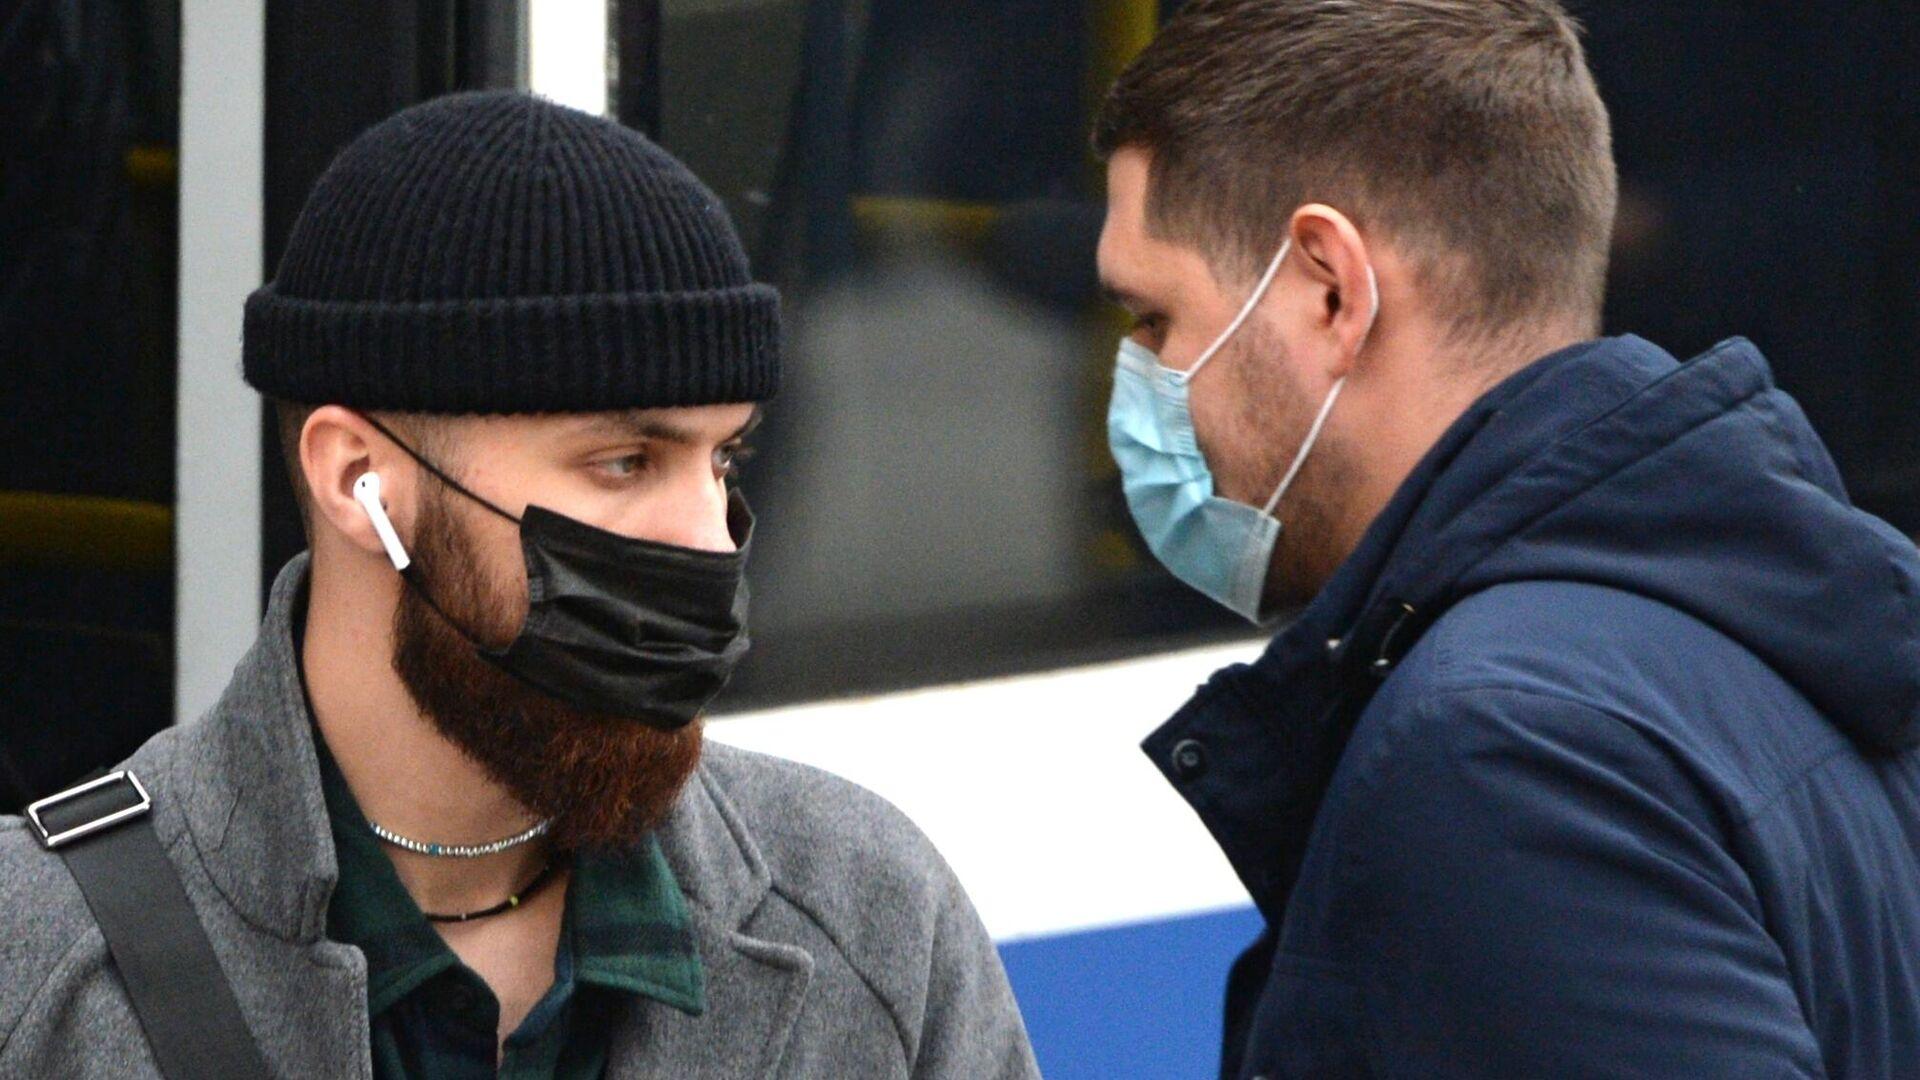 Молодые люди в защитных масках на остановке общественного транспорта в Екатеринбурге - РИА Новости, 1920, 18.10.2020